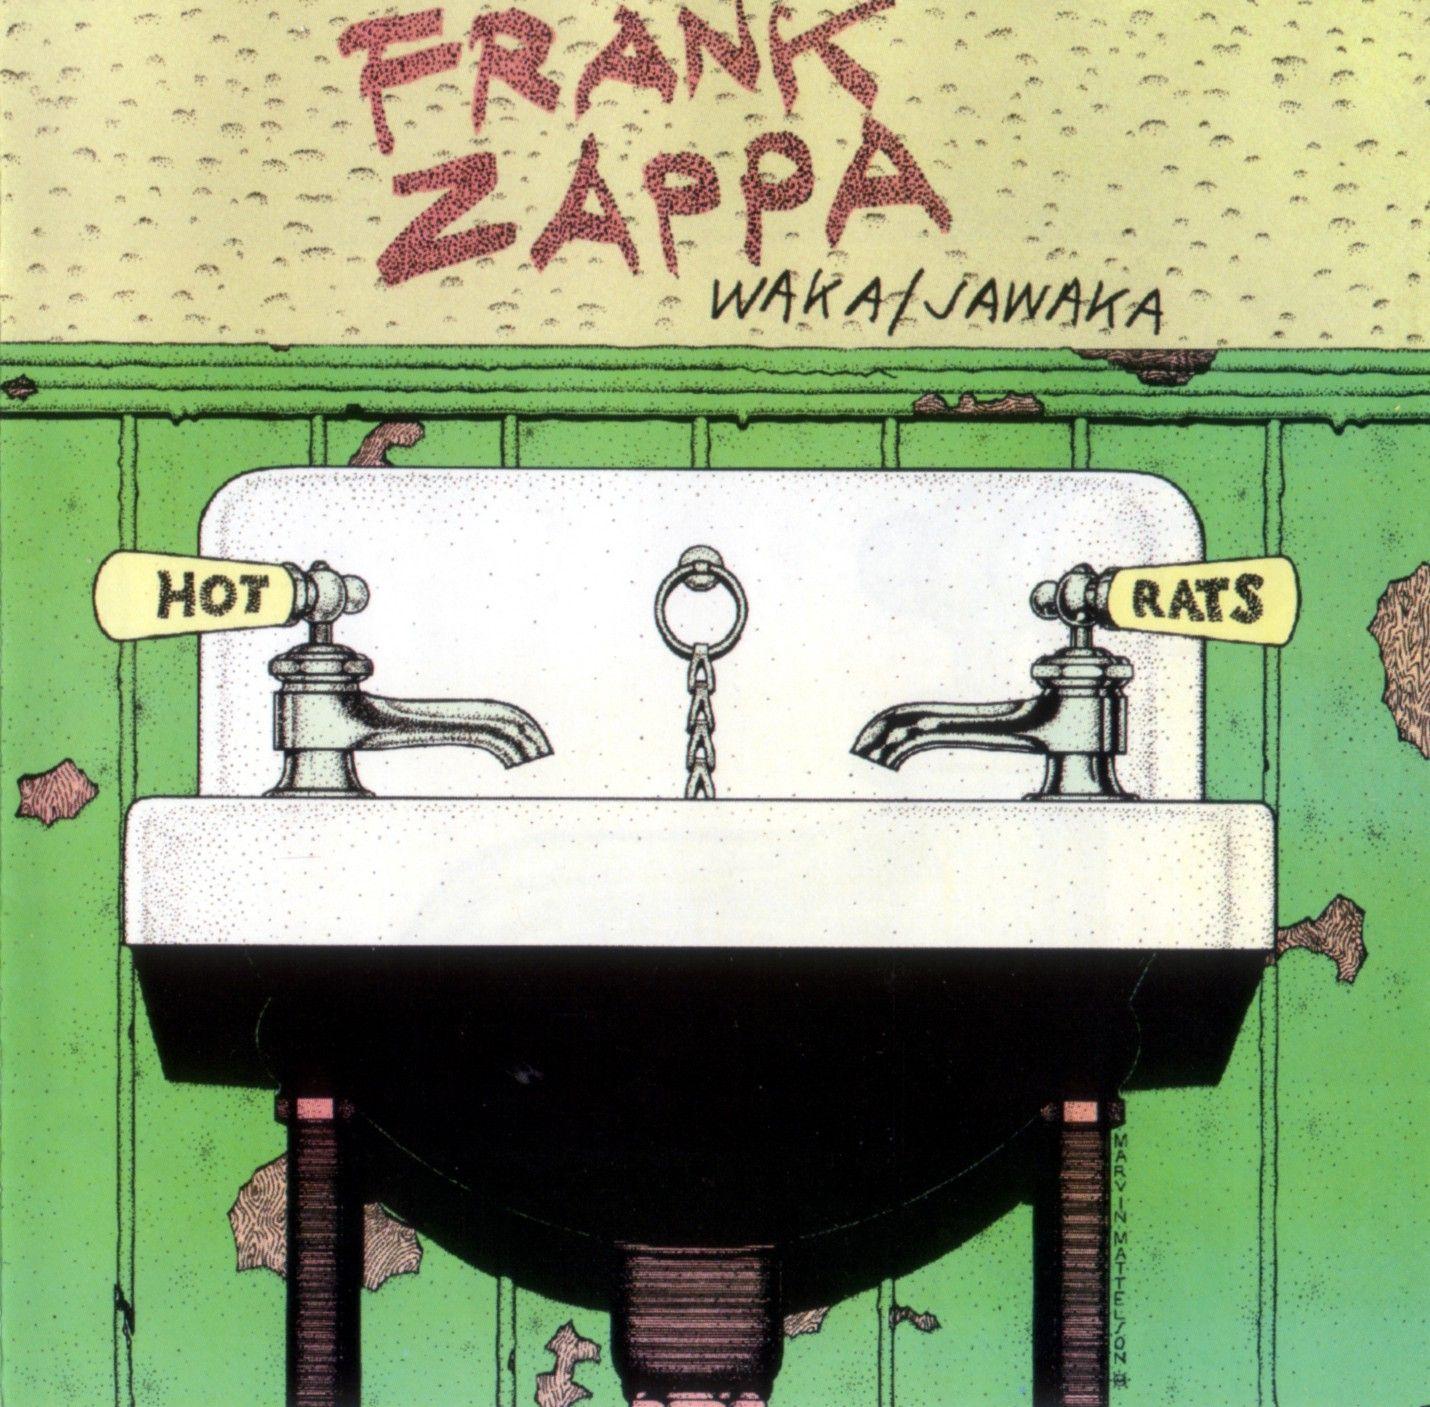 Frank Zappa Waka Jawaka Hot Rats Cover Illustration